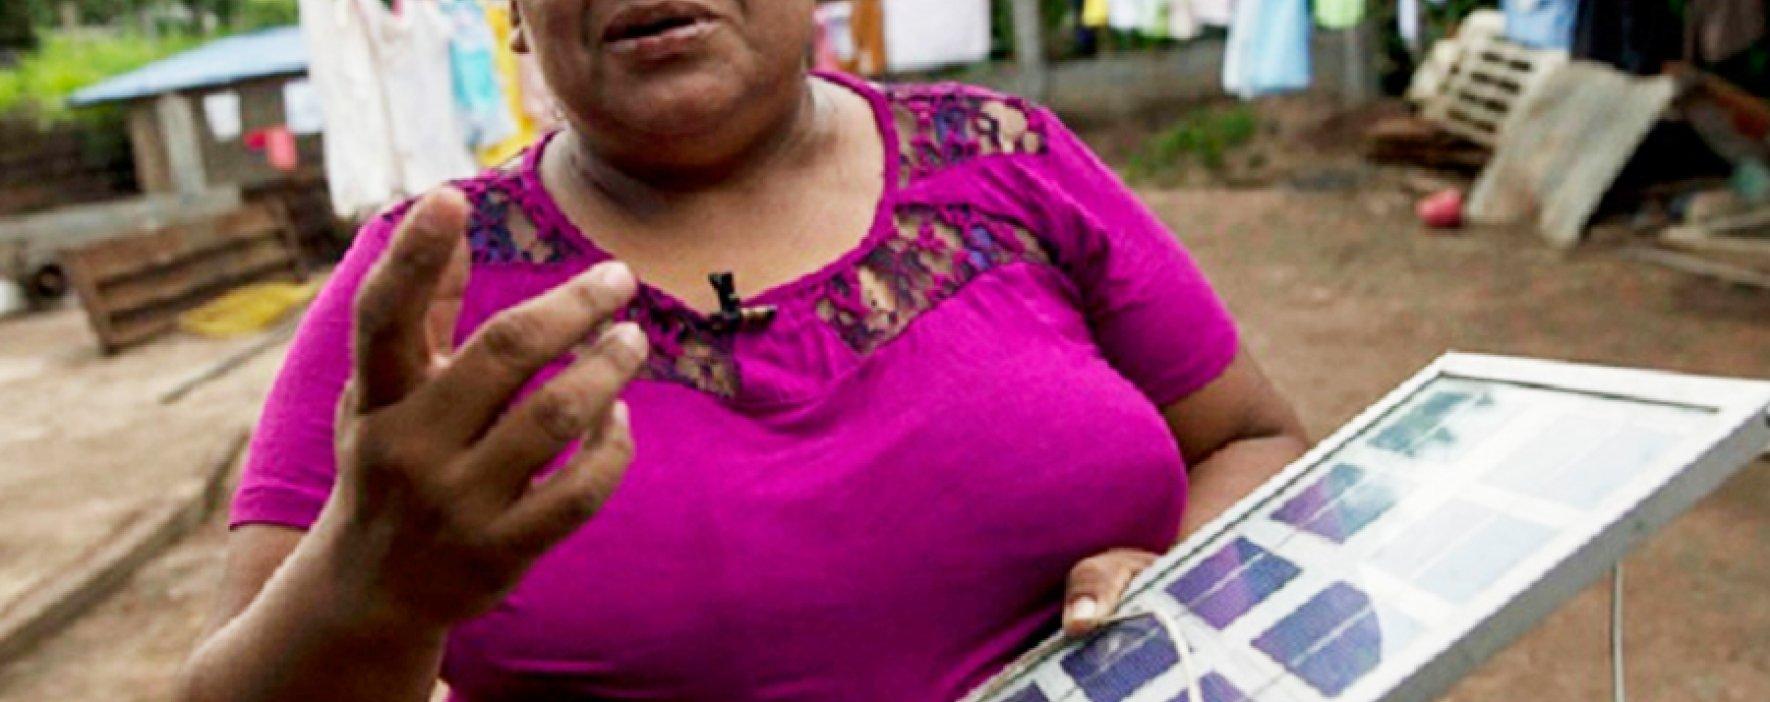 Mujeres en Nicaragua trabajan proyectos ecológicos